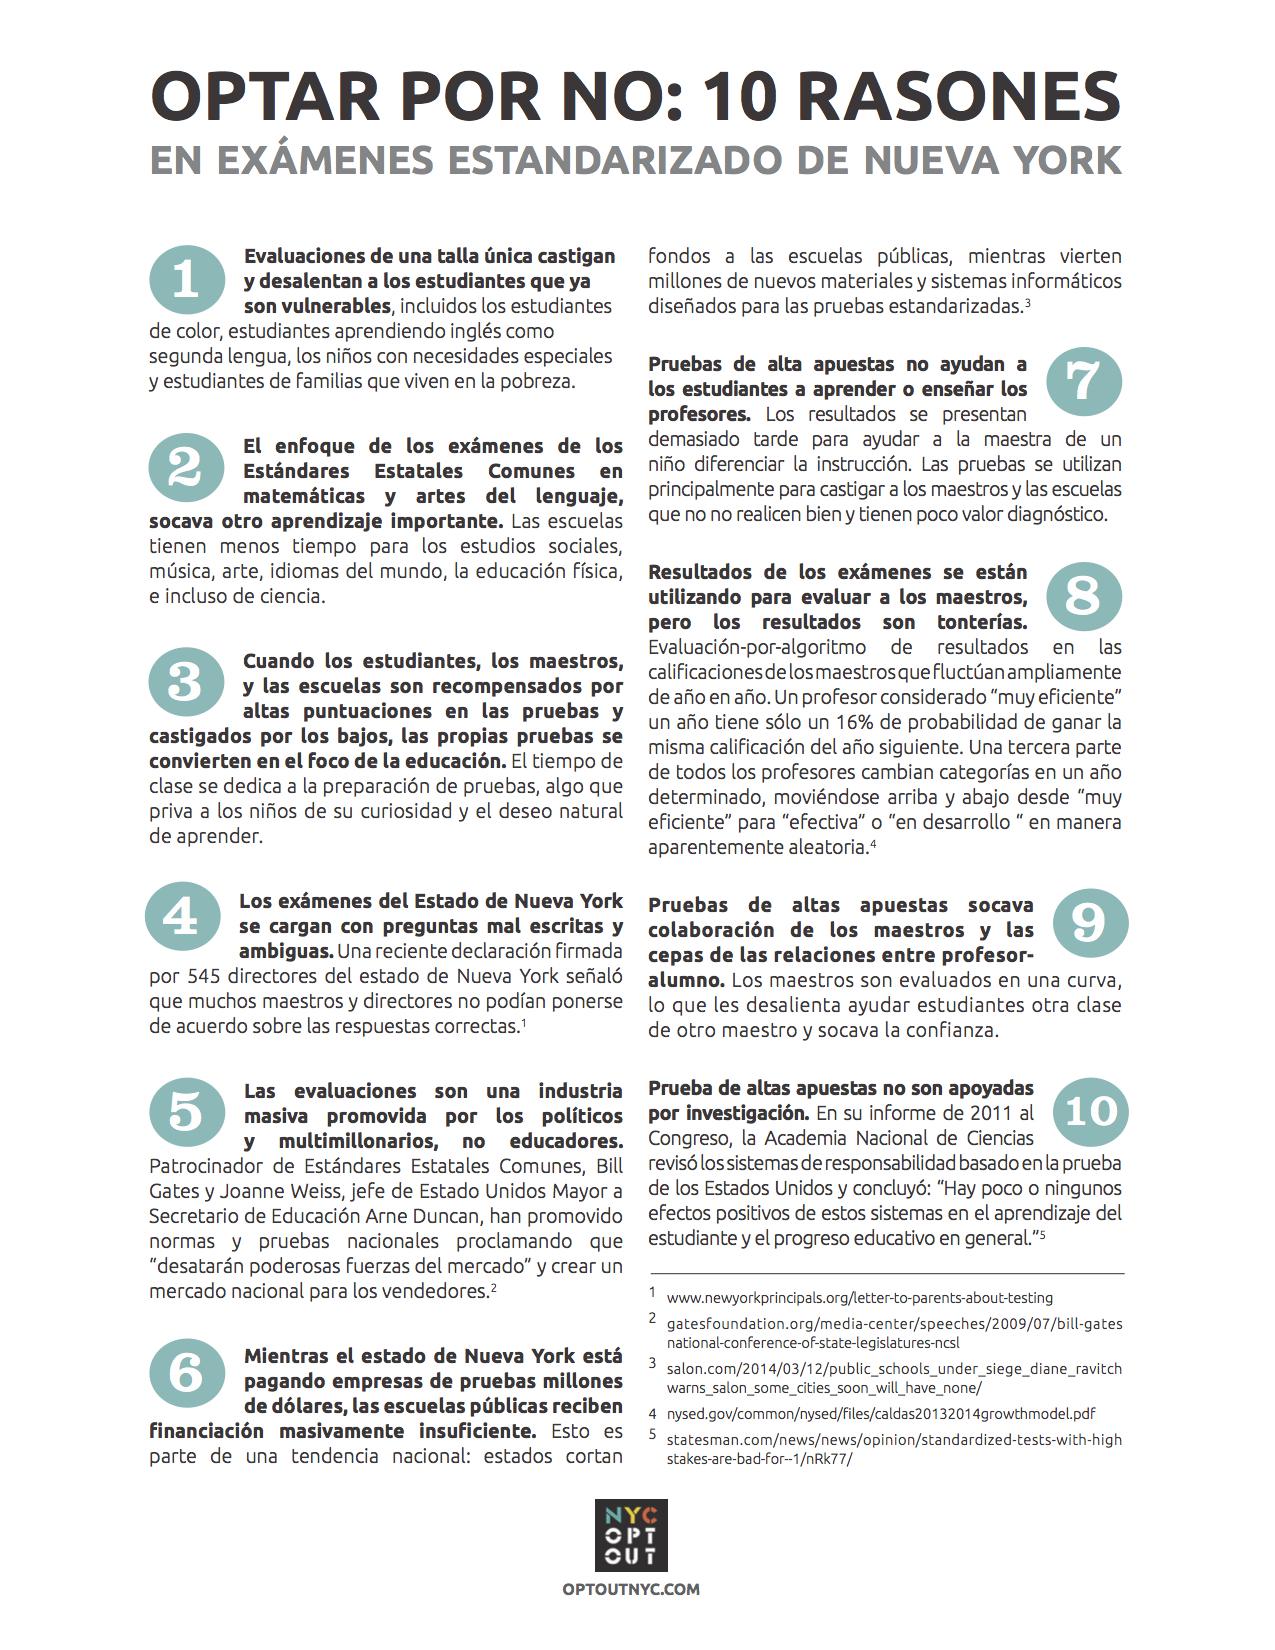 10-reasons-spanish.jpg